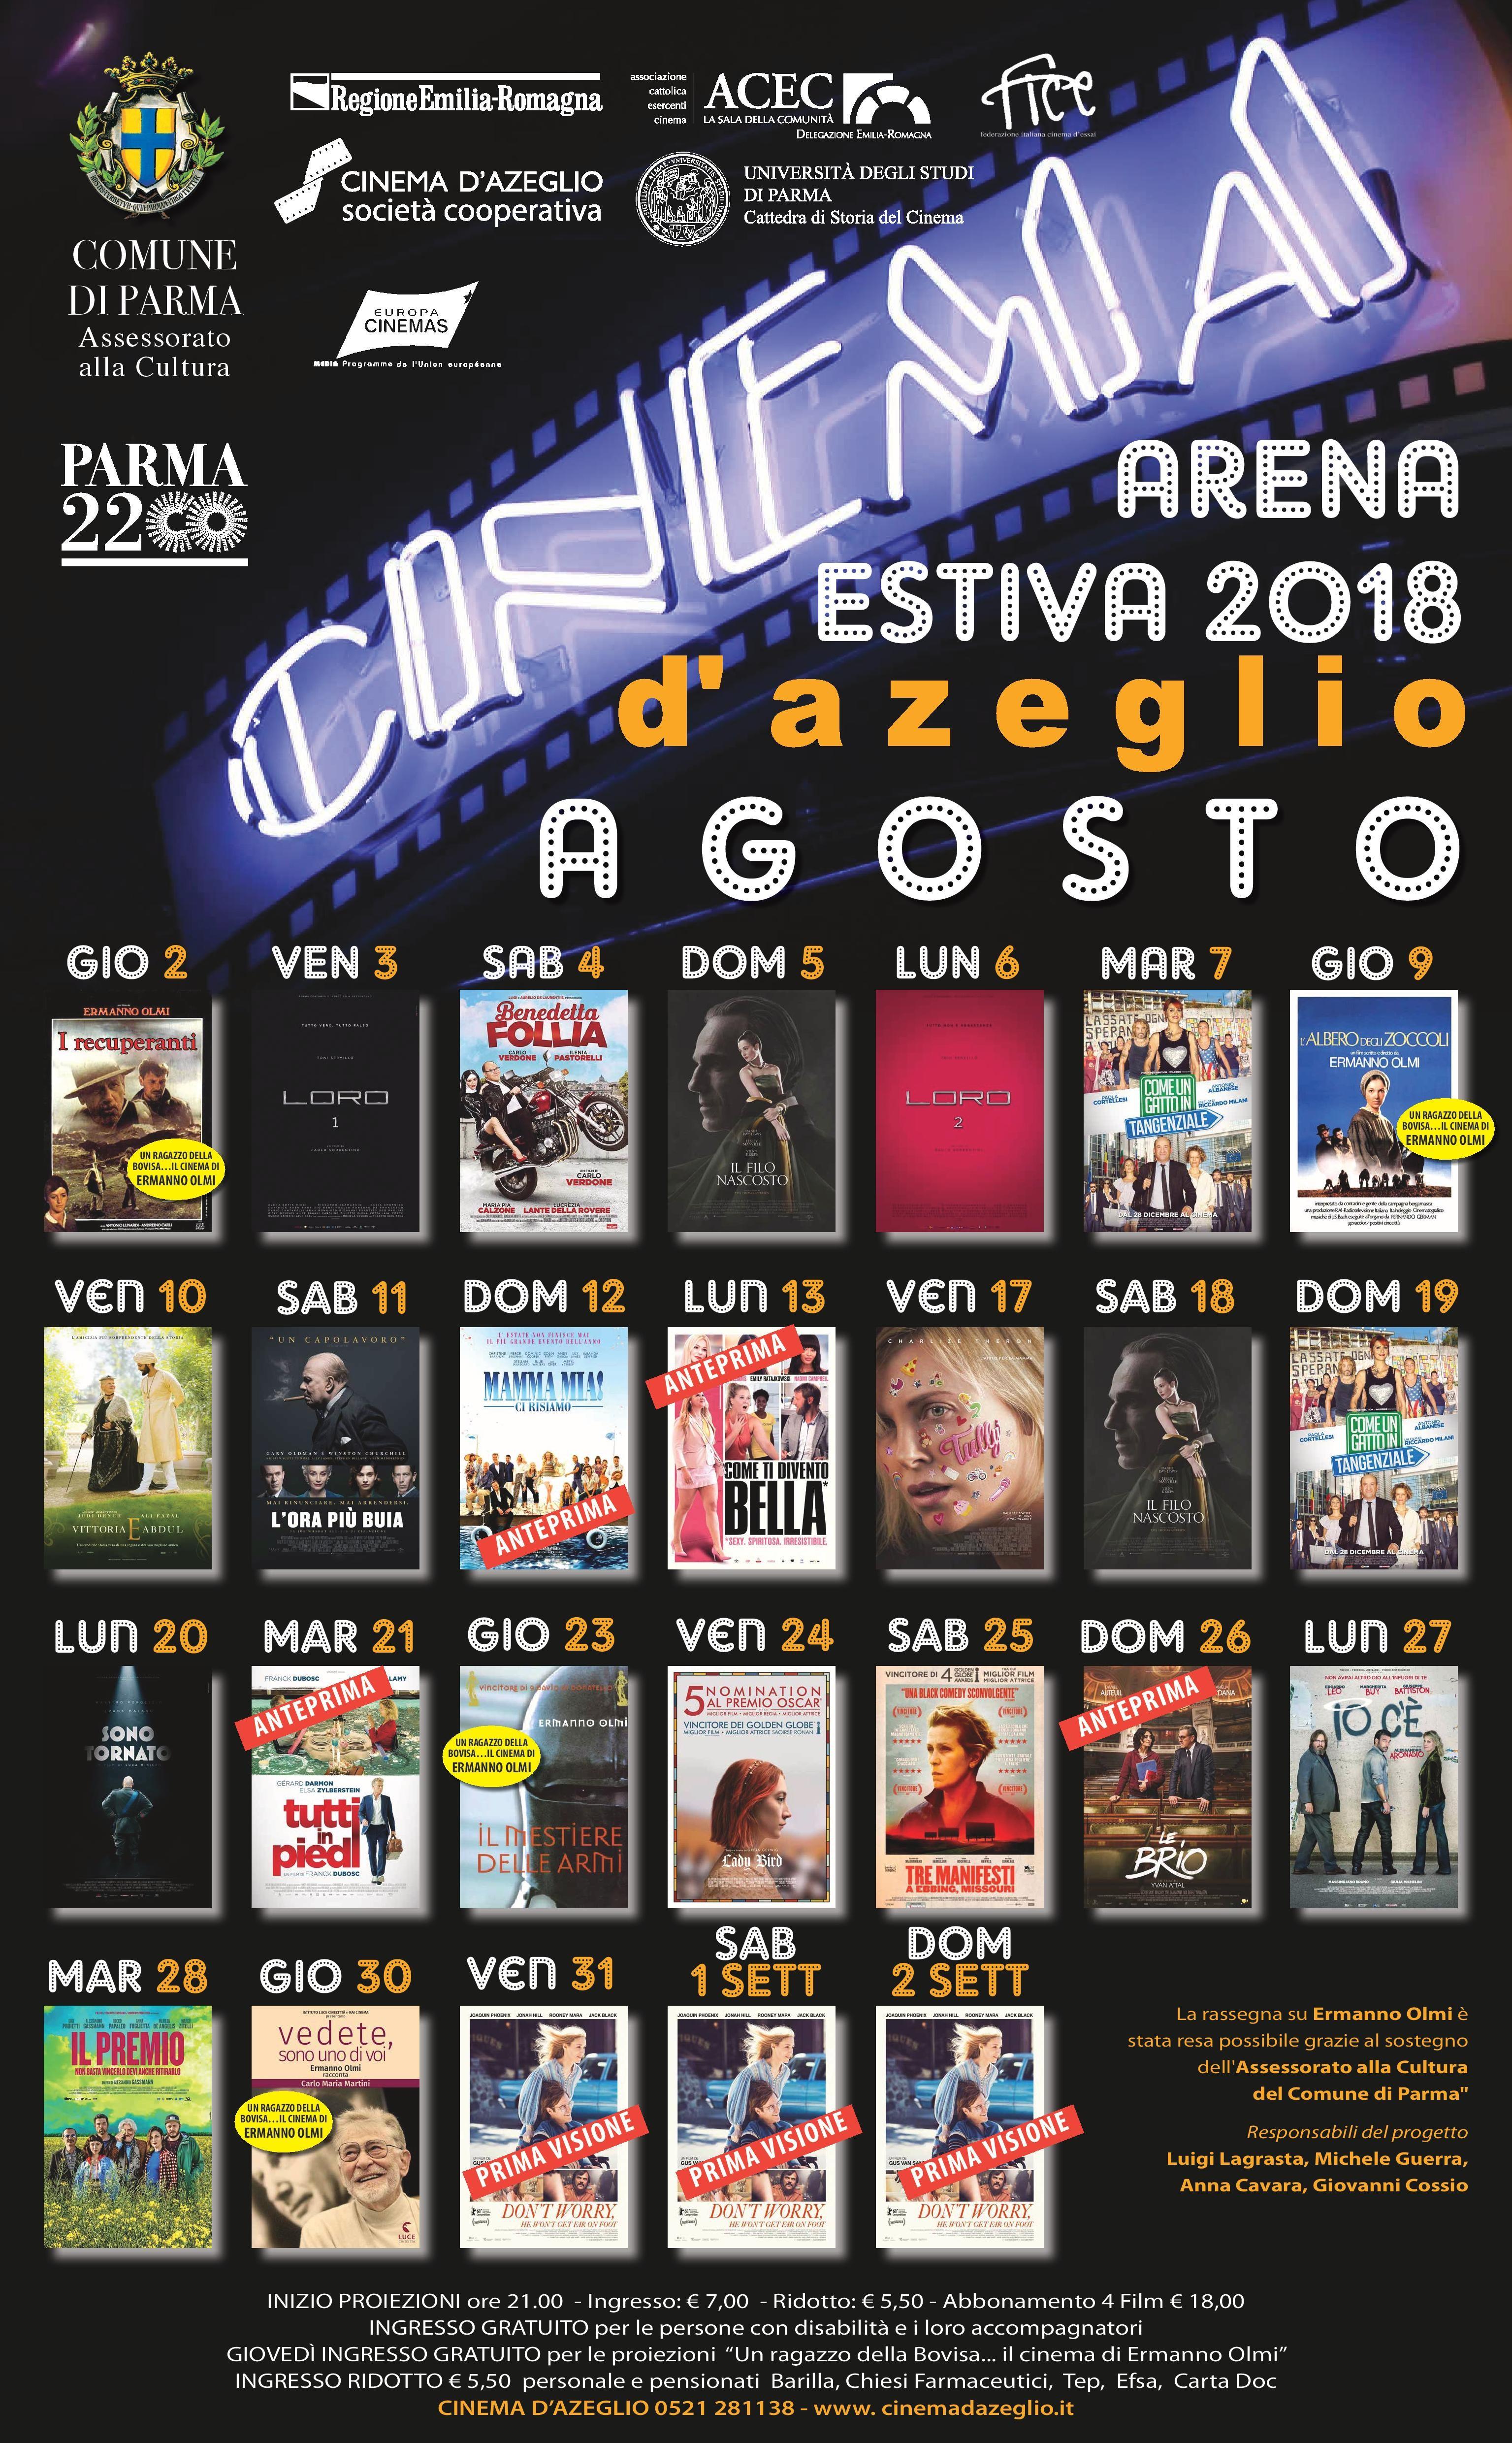 Anteprima Stagione cinematografica 2018-2019  TUTTI IN PIEDI all' ARENA ESTIVA D'AZEGLIO-PARMA